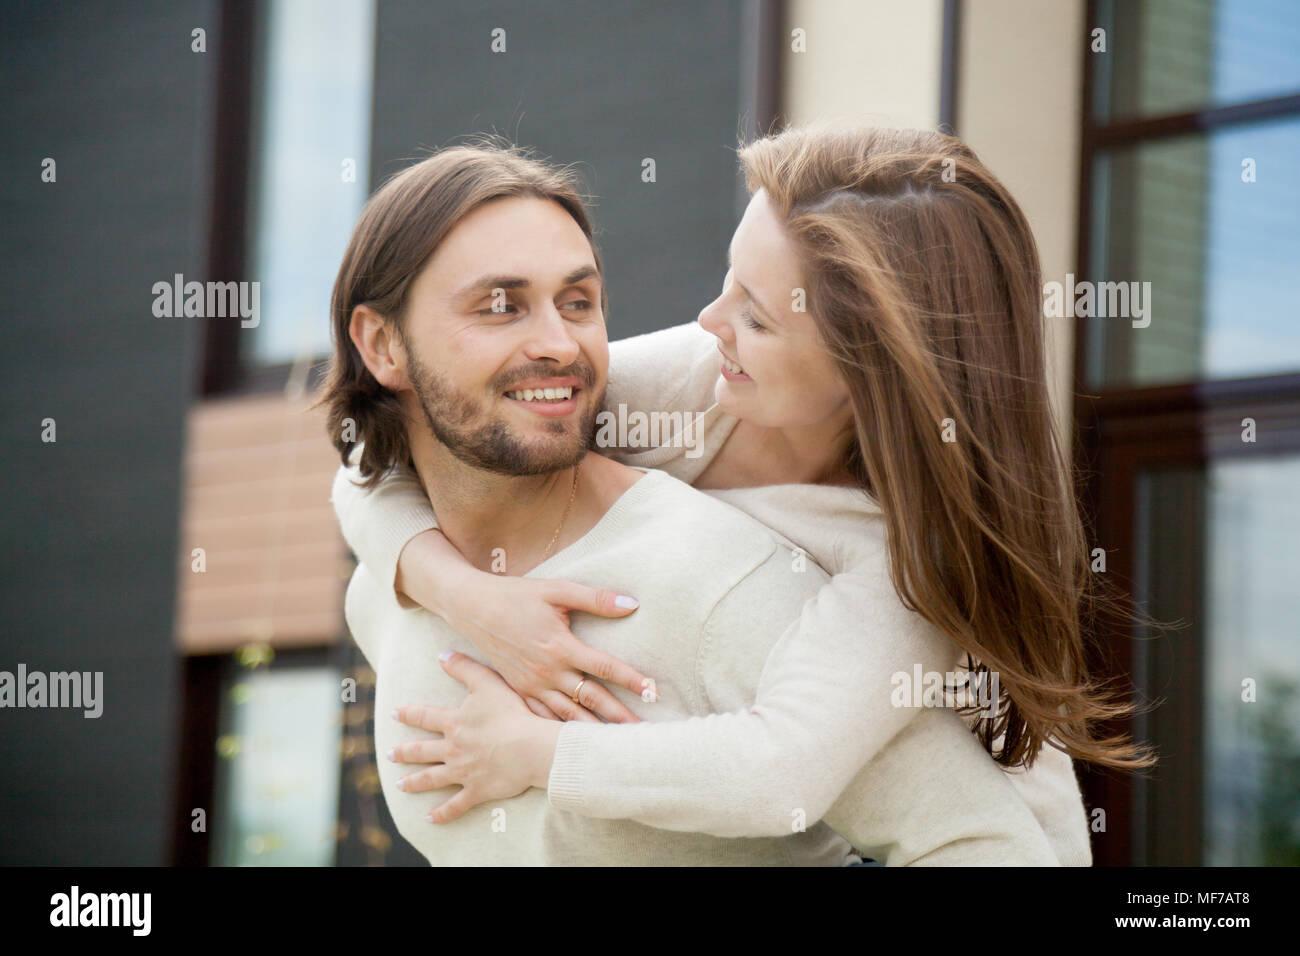 Joven amante feliz pareja abrazada al aire libre, sonriente marido cerdo Imagen De Stock